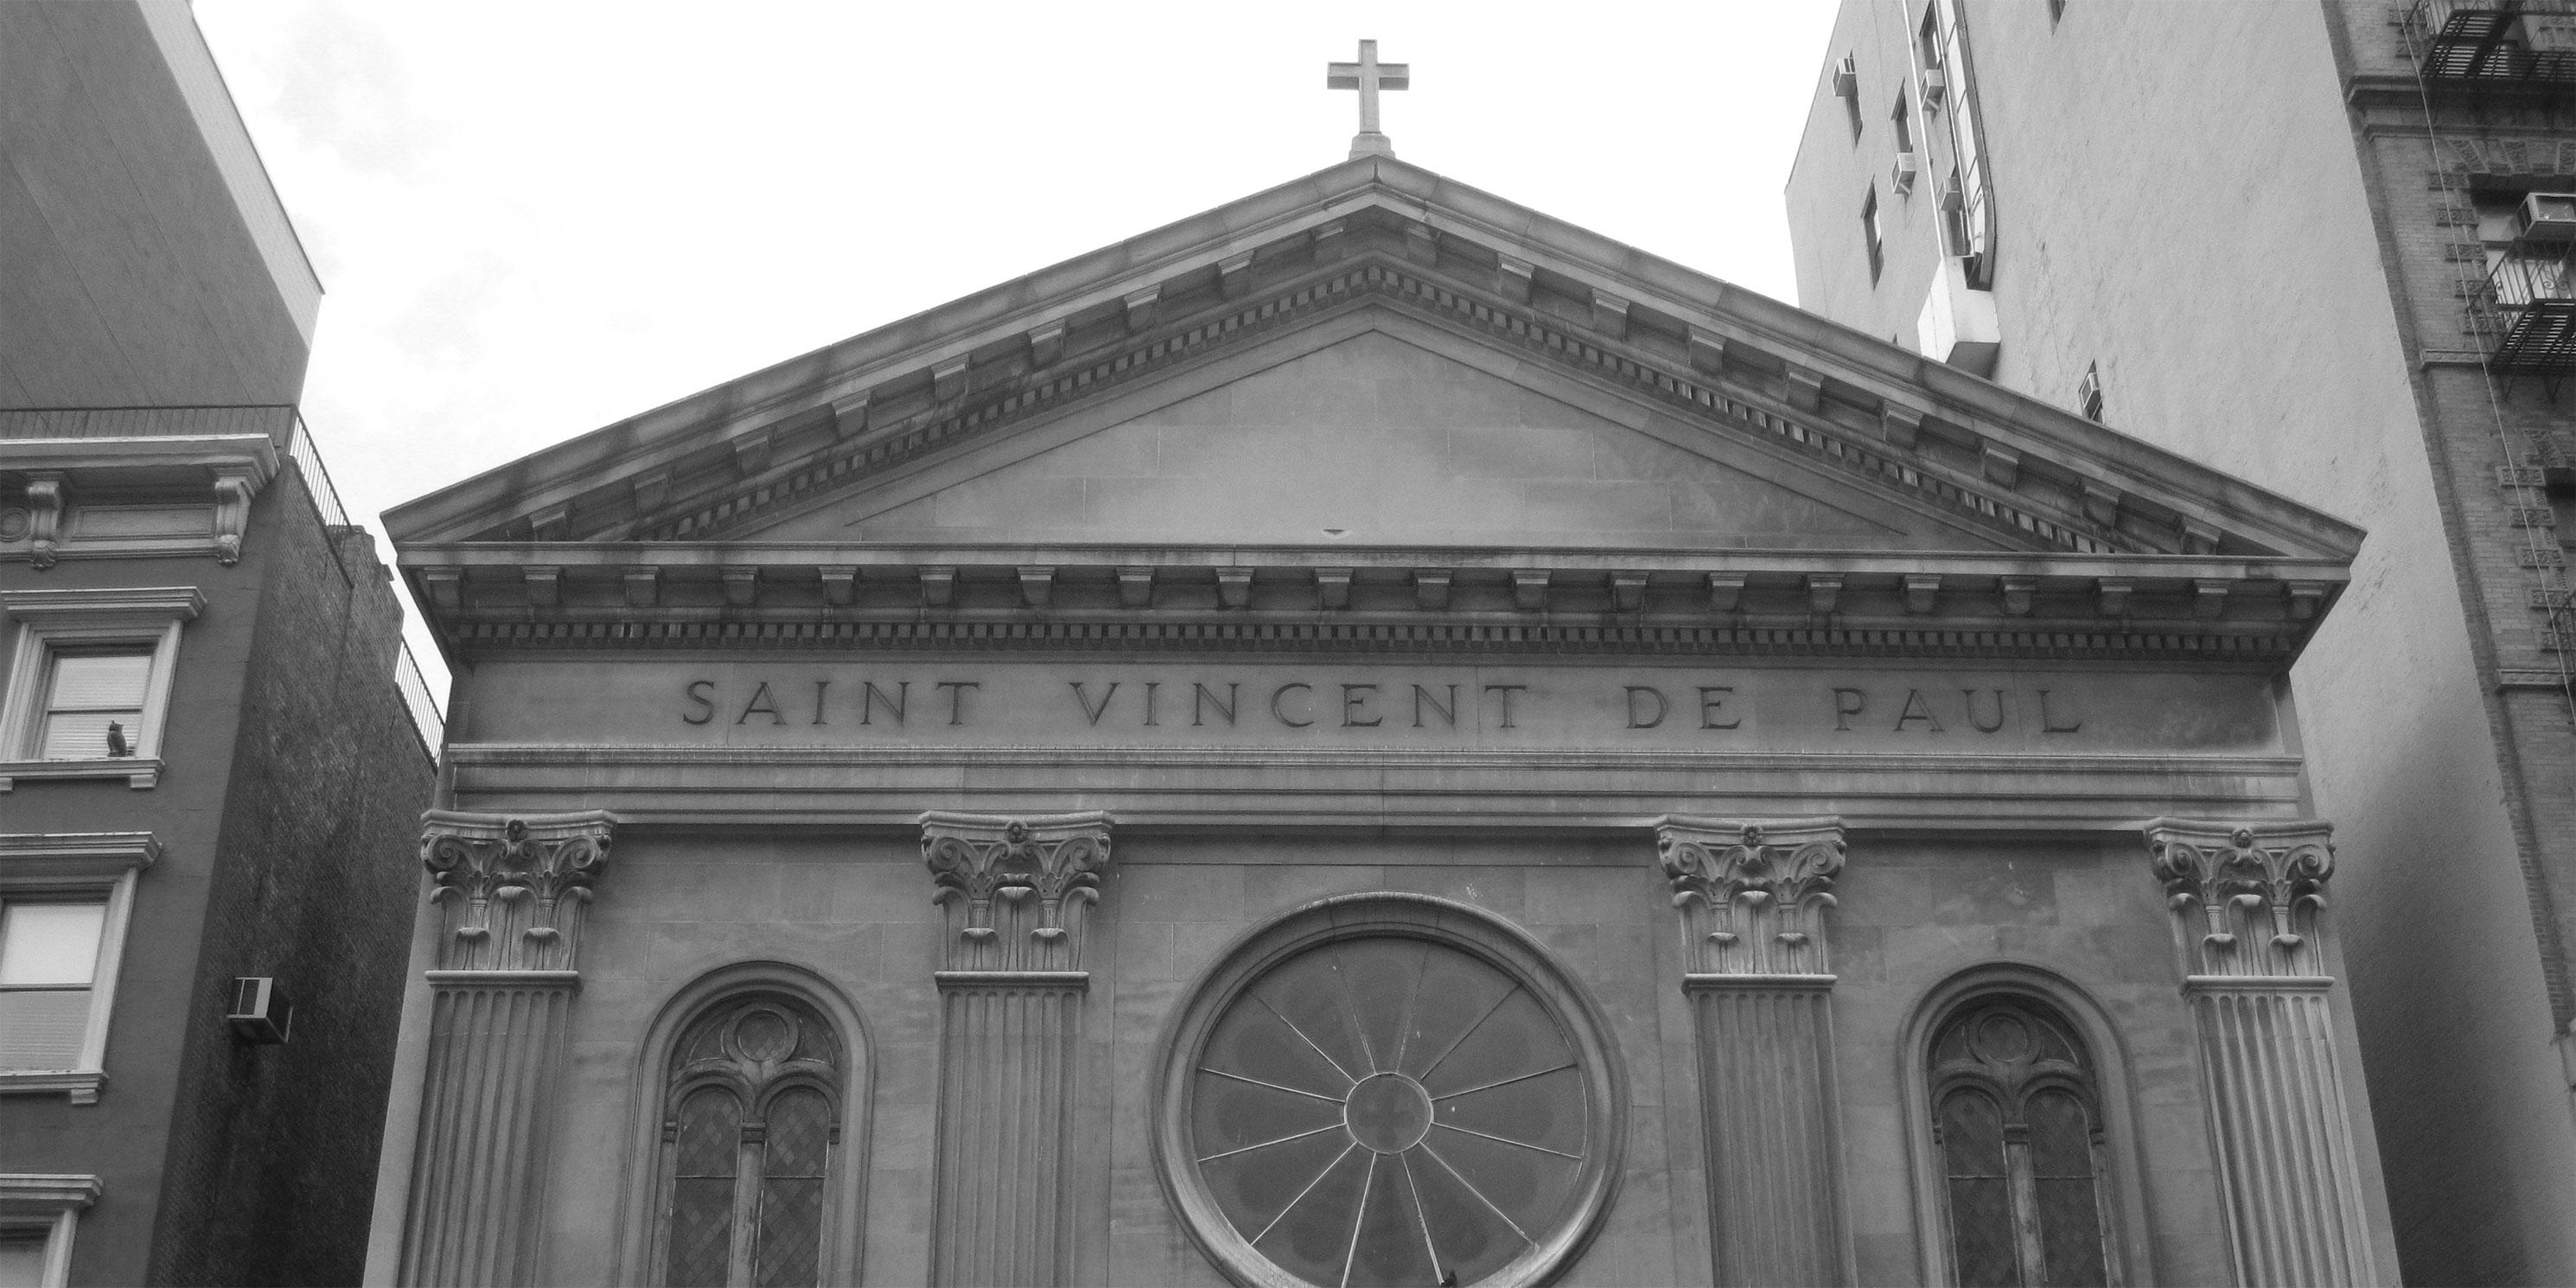 exterior of Saint Vincent de Paul Catholic Church